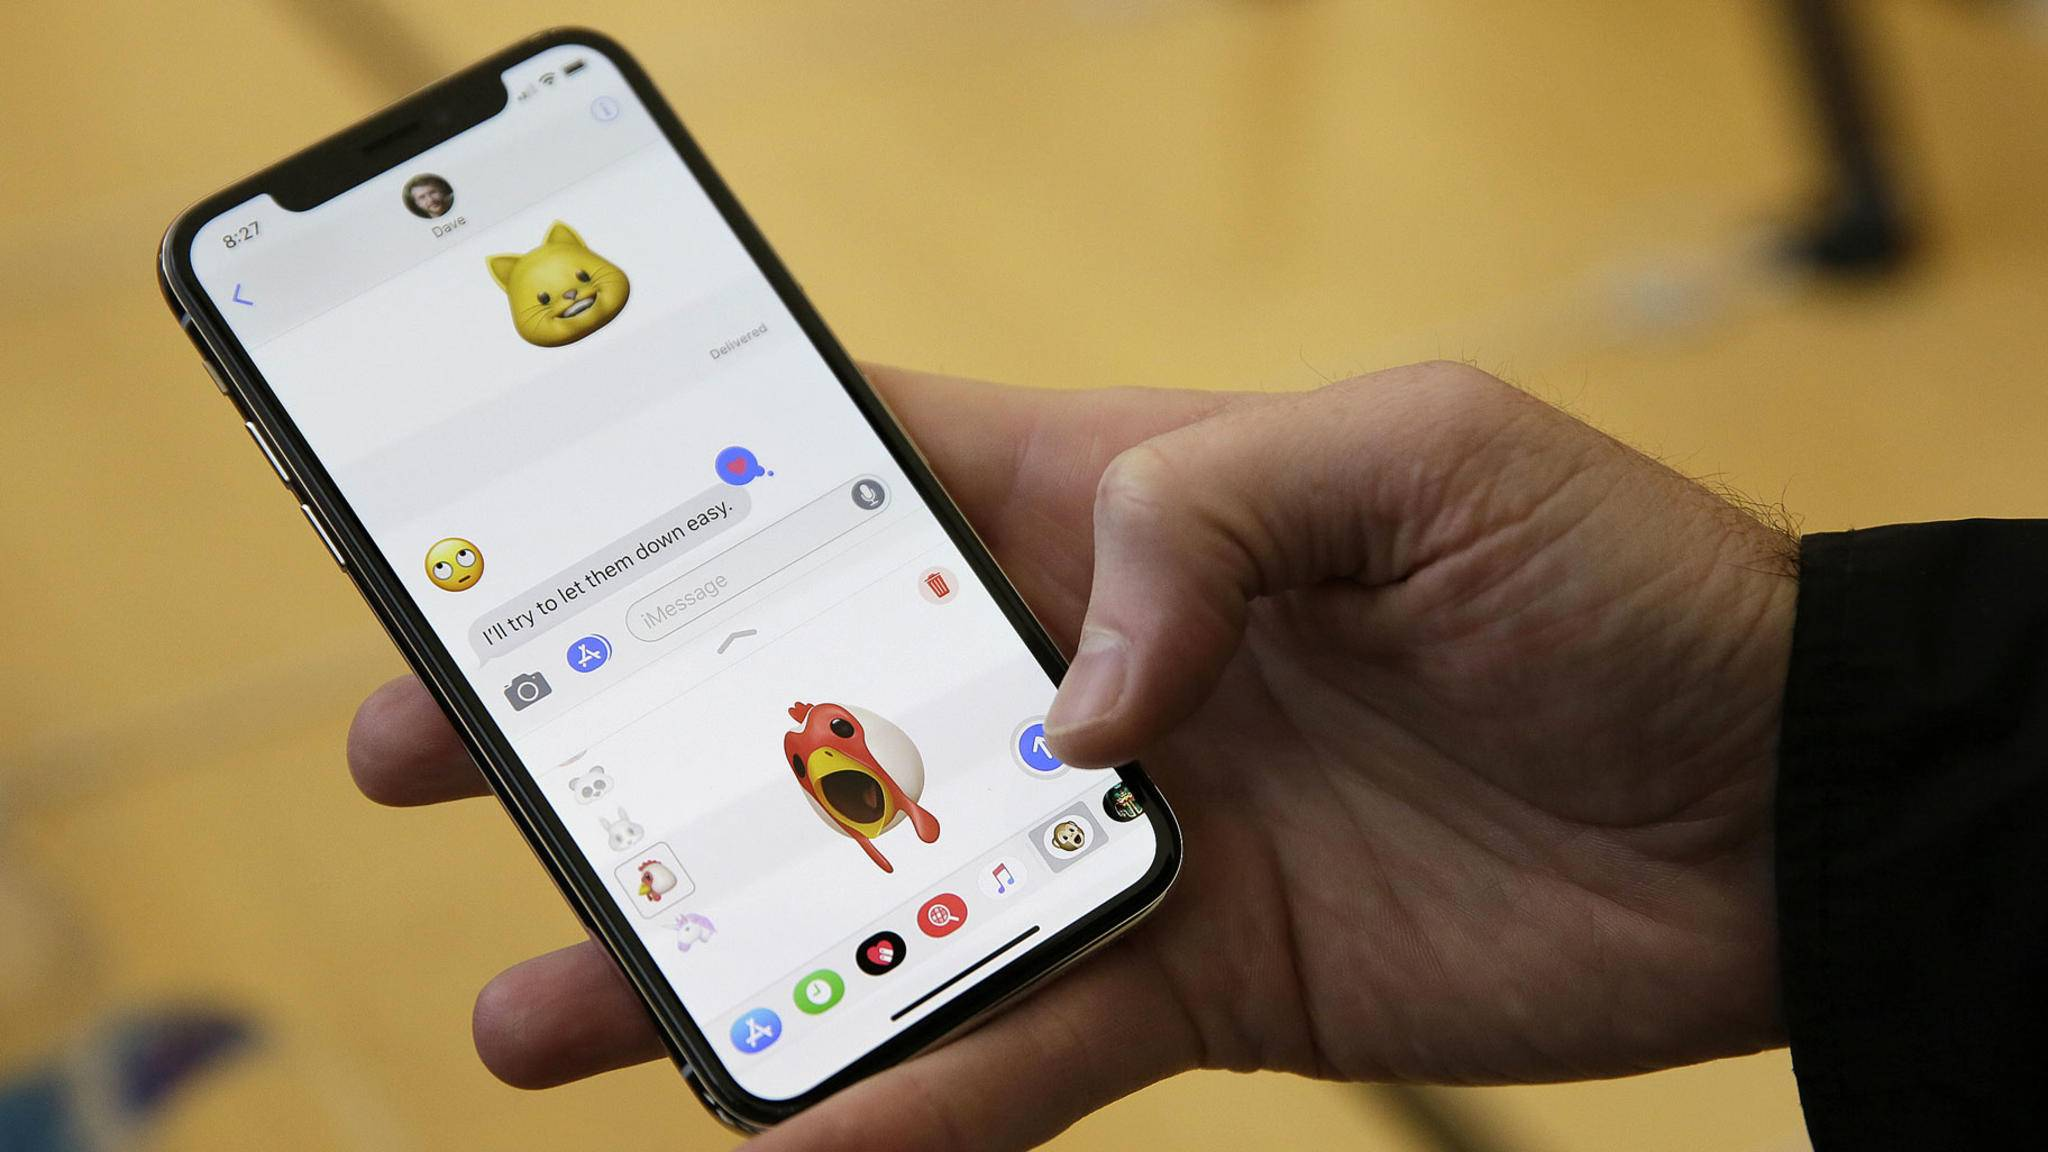 Animojis lassen sich nicht nur per iMessage verschicken, sondern auch per WhatsApp.